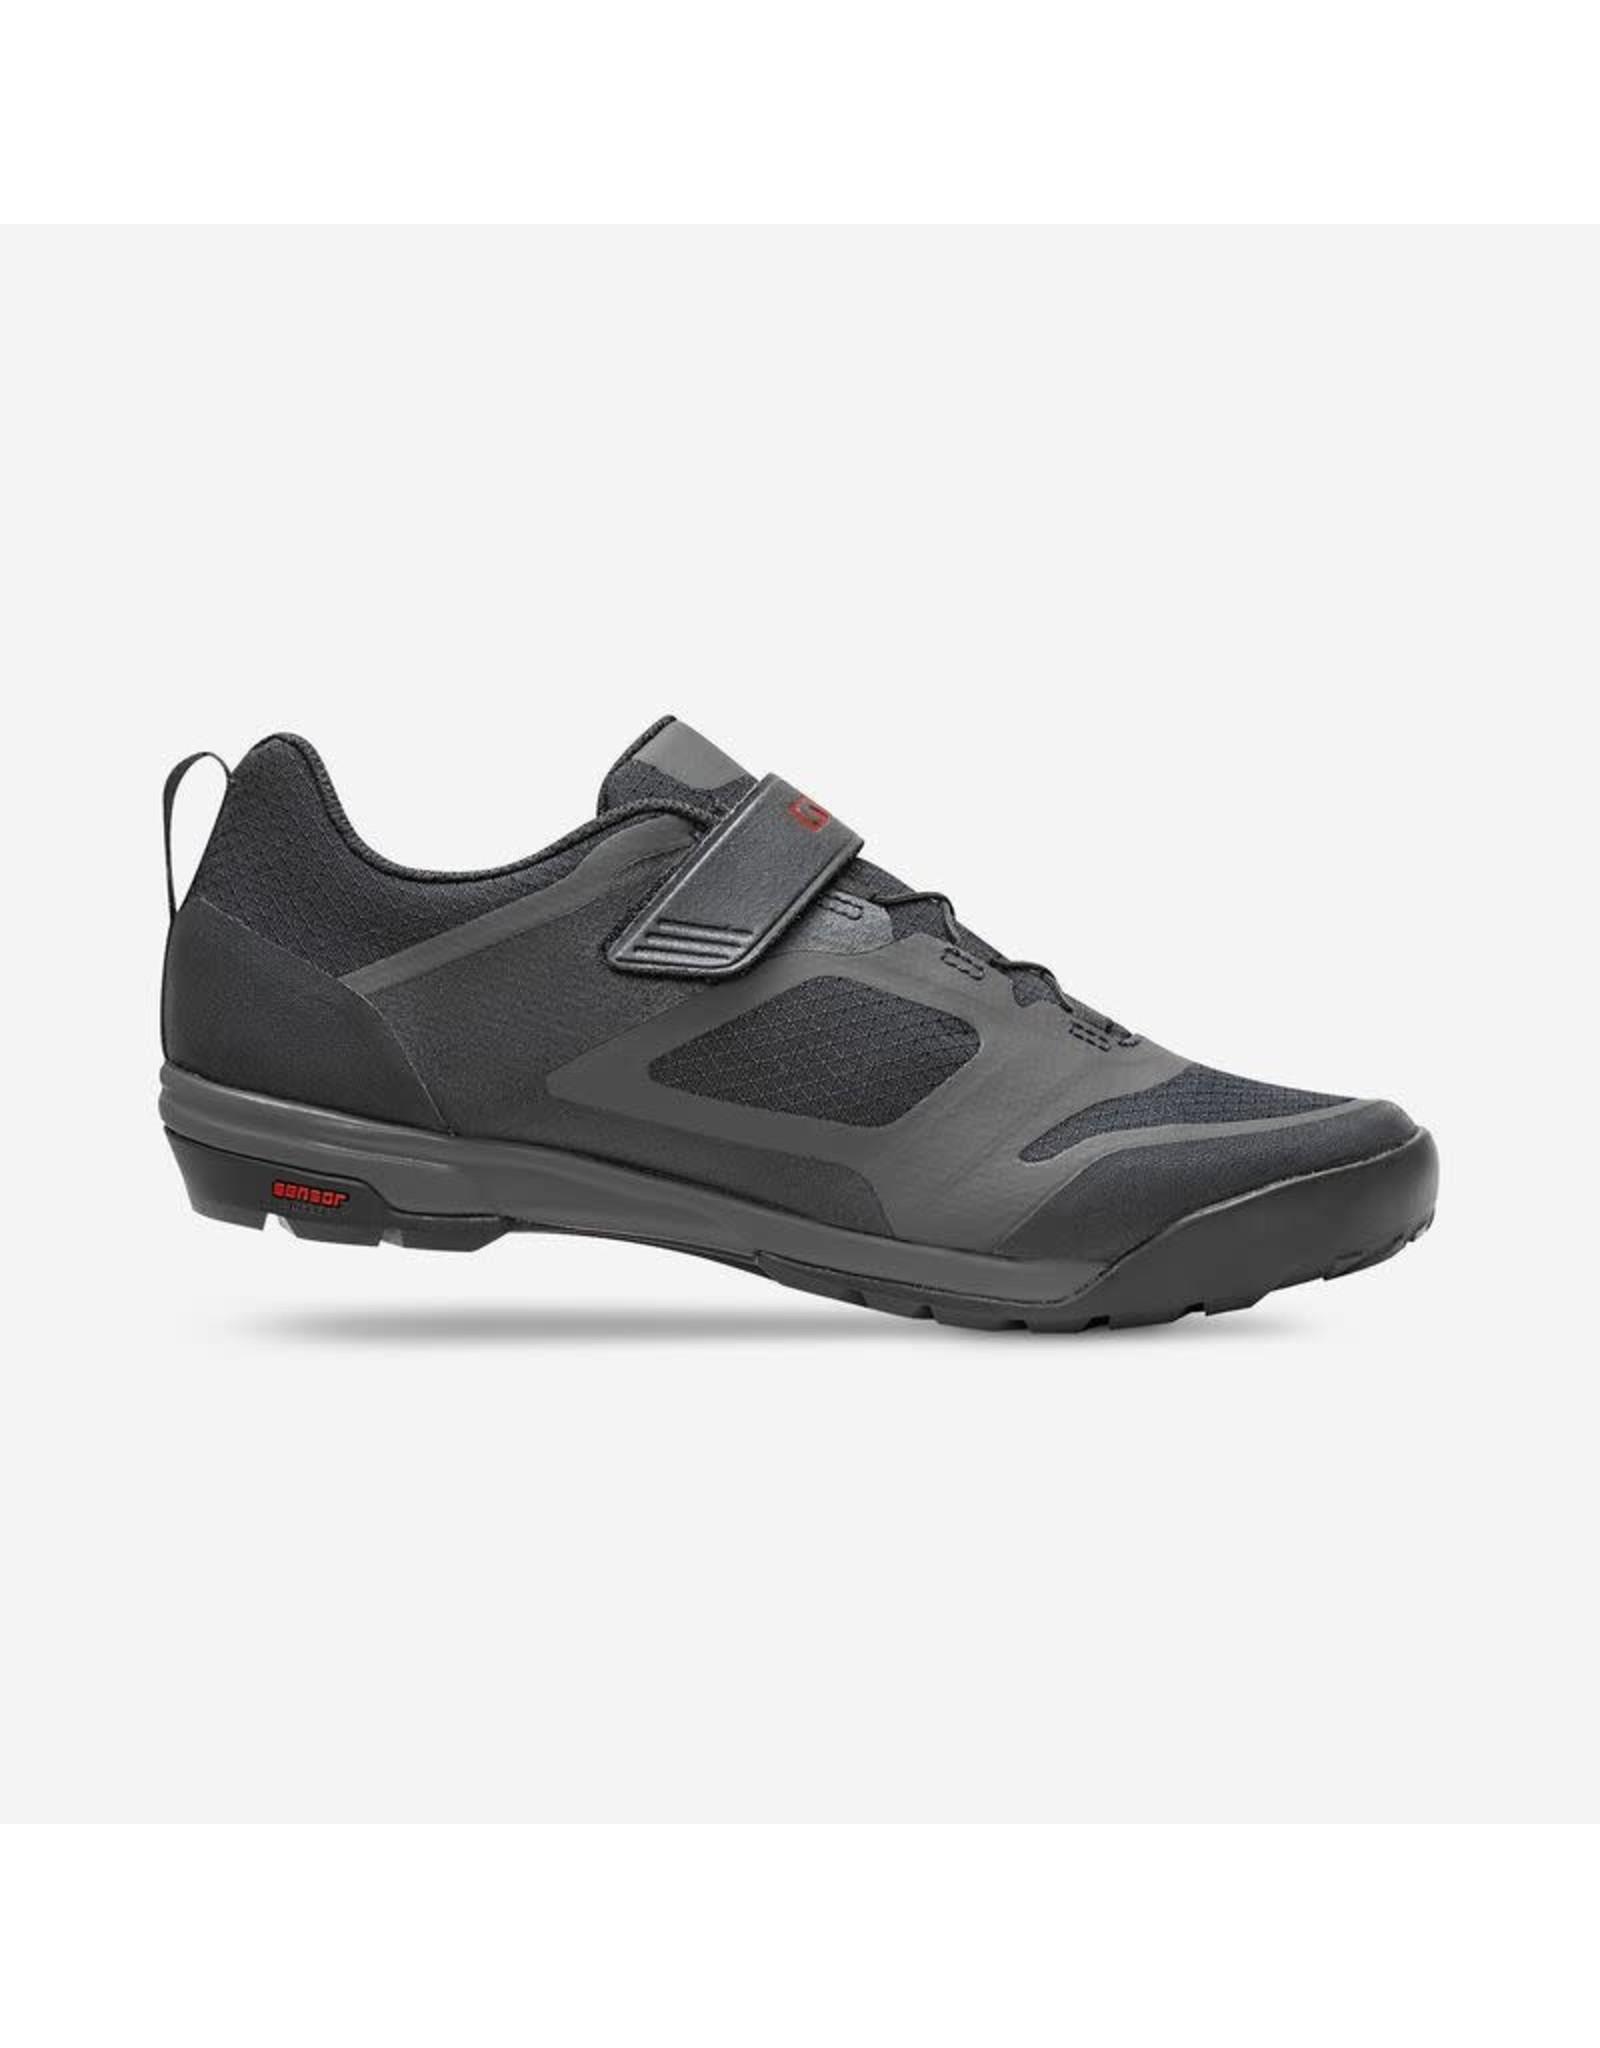 Footwear GIRO VENTANA FASTLACE BLK/DK SHD 46